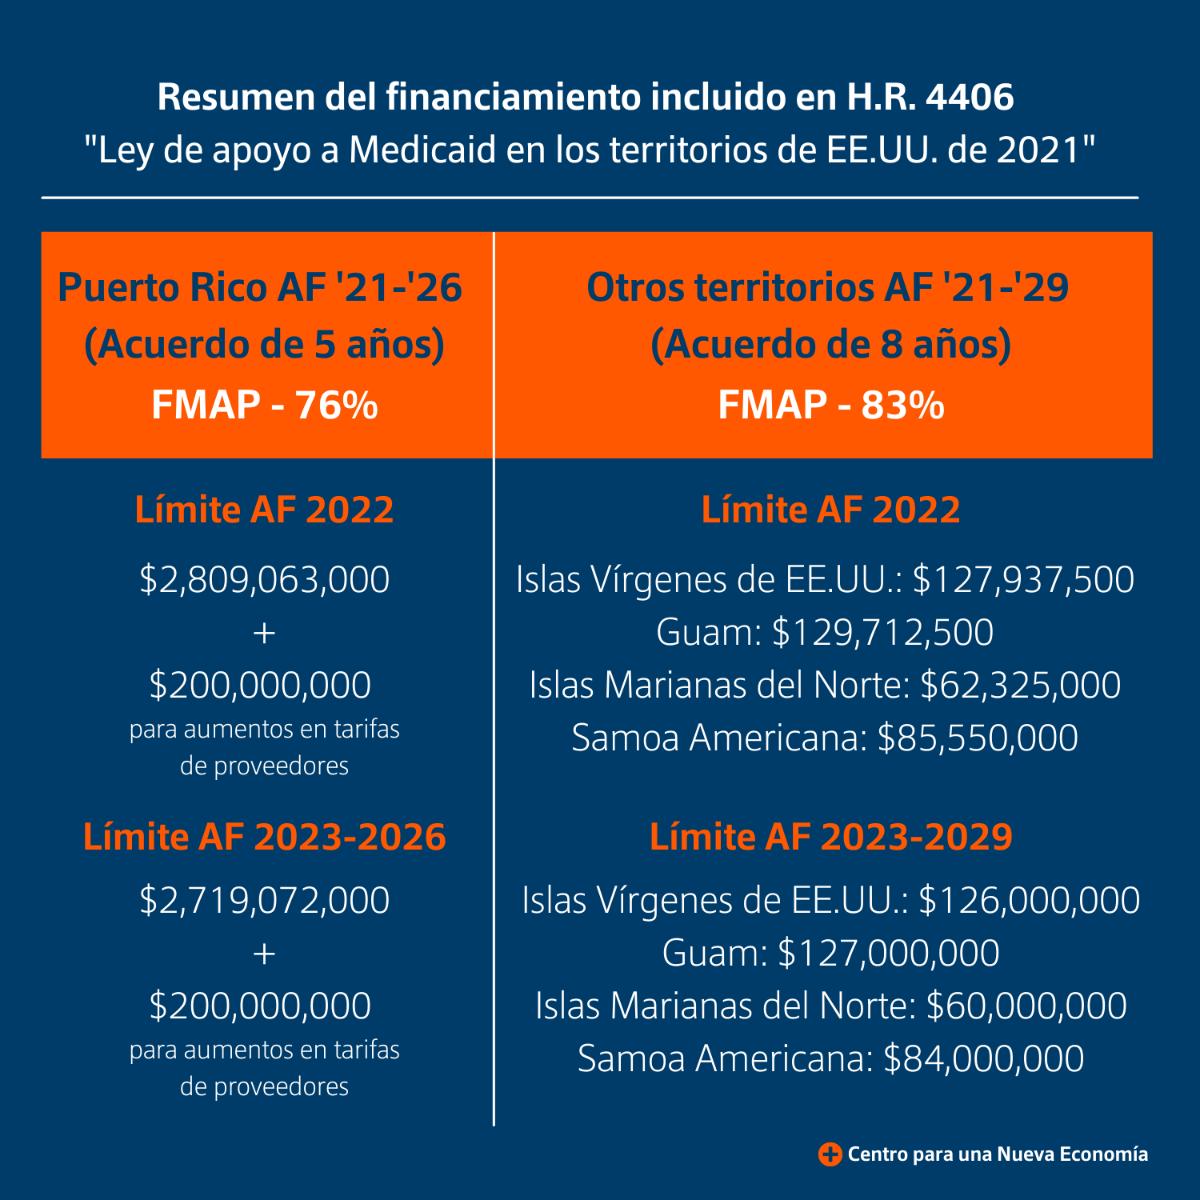 Tabla: Resumen del financiamiento incluido en H.R. 4406